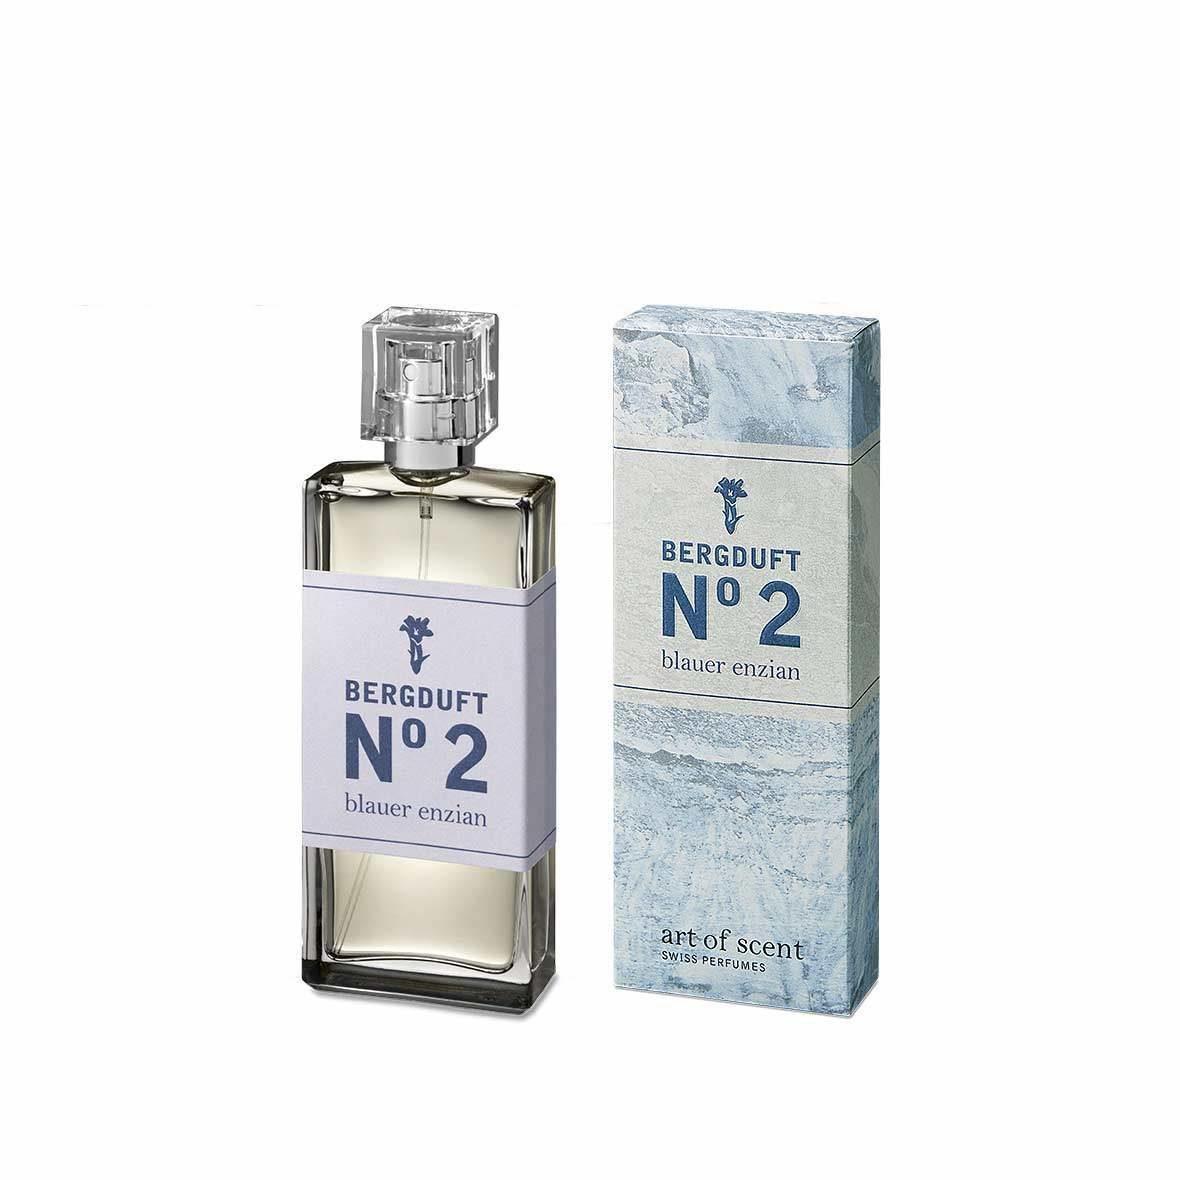 bergduft blauer enzian 50 ml kombi art of scent e1531767909846